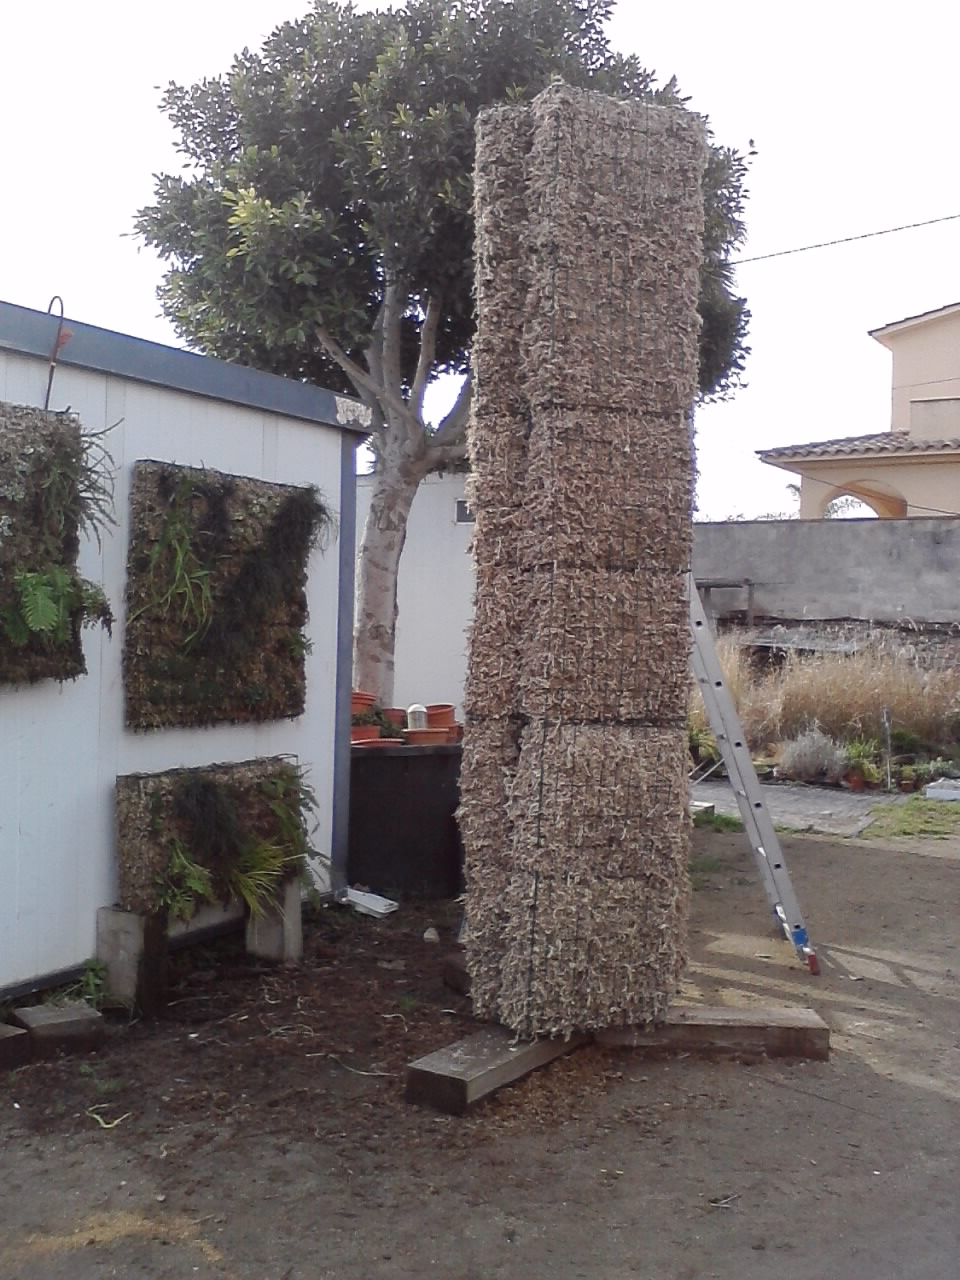 Arrels jardines verticales muestras del crecimiento - Estructura jardin vertical ...